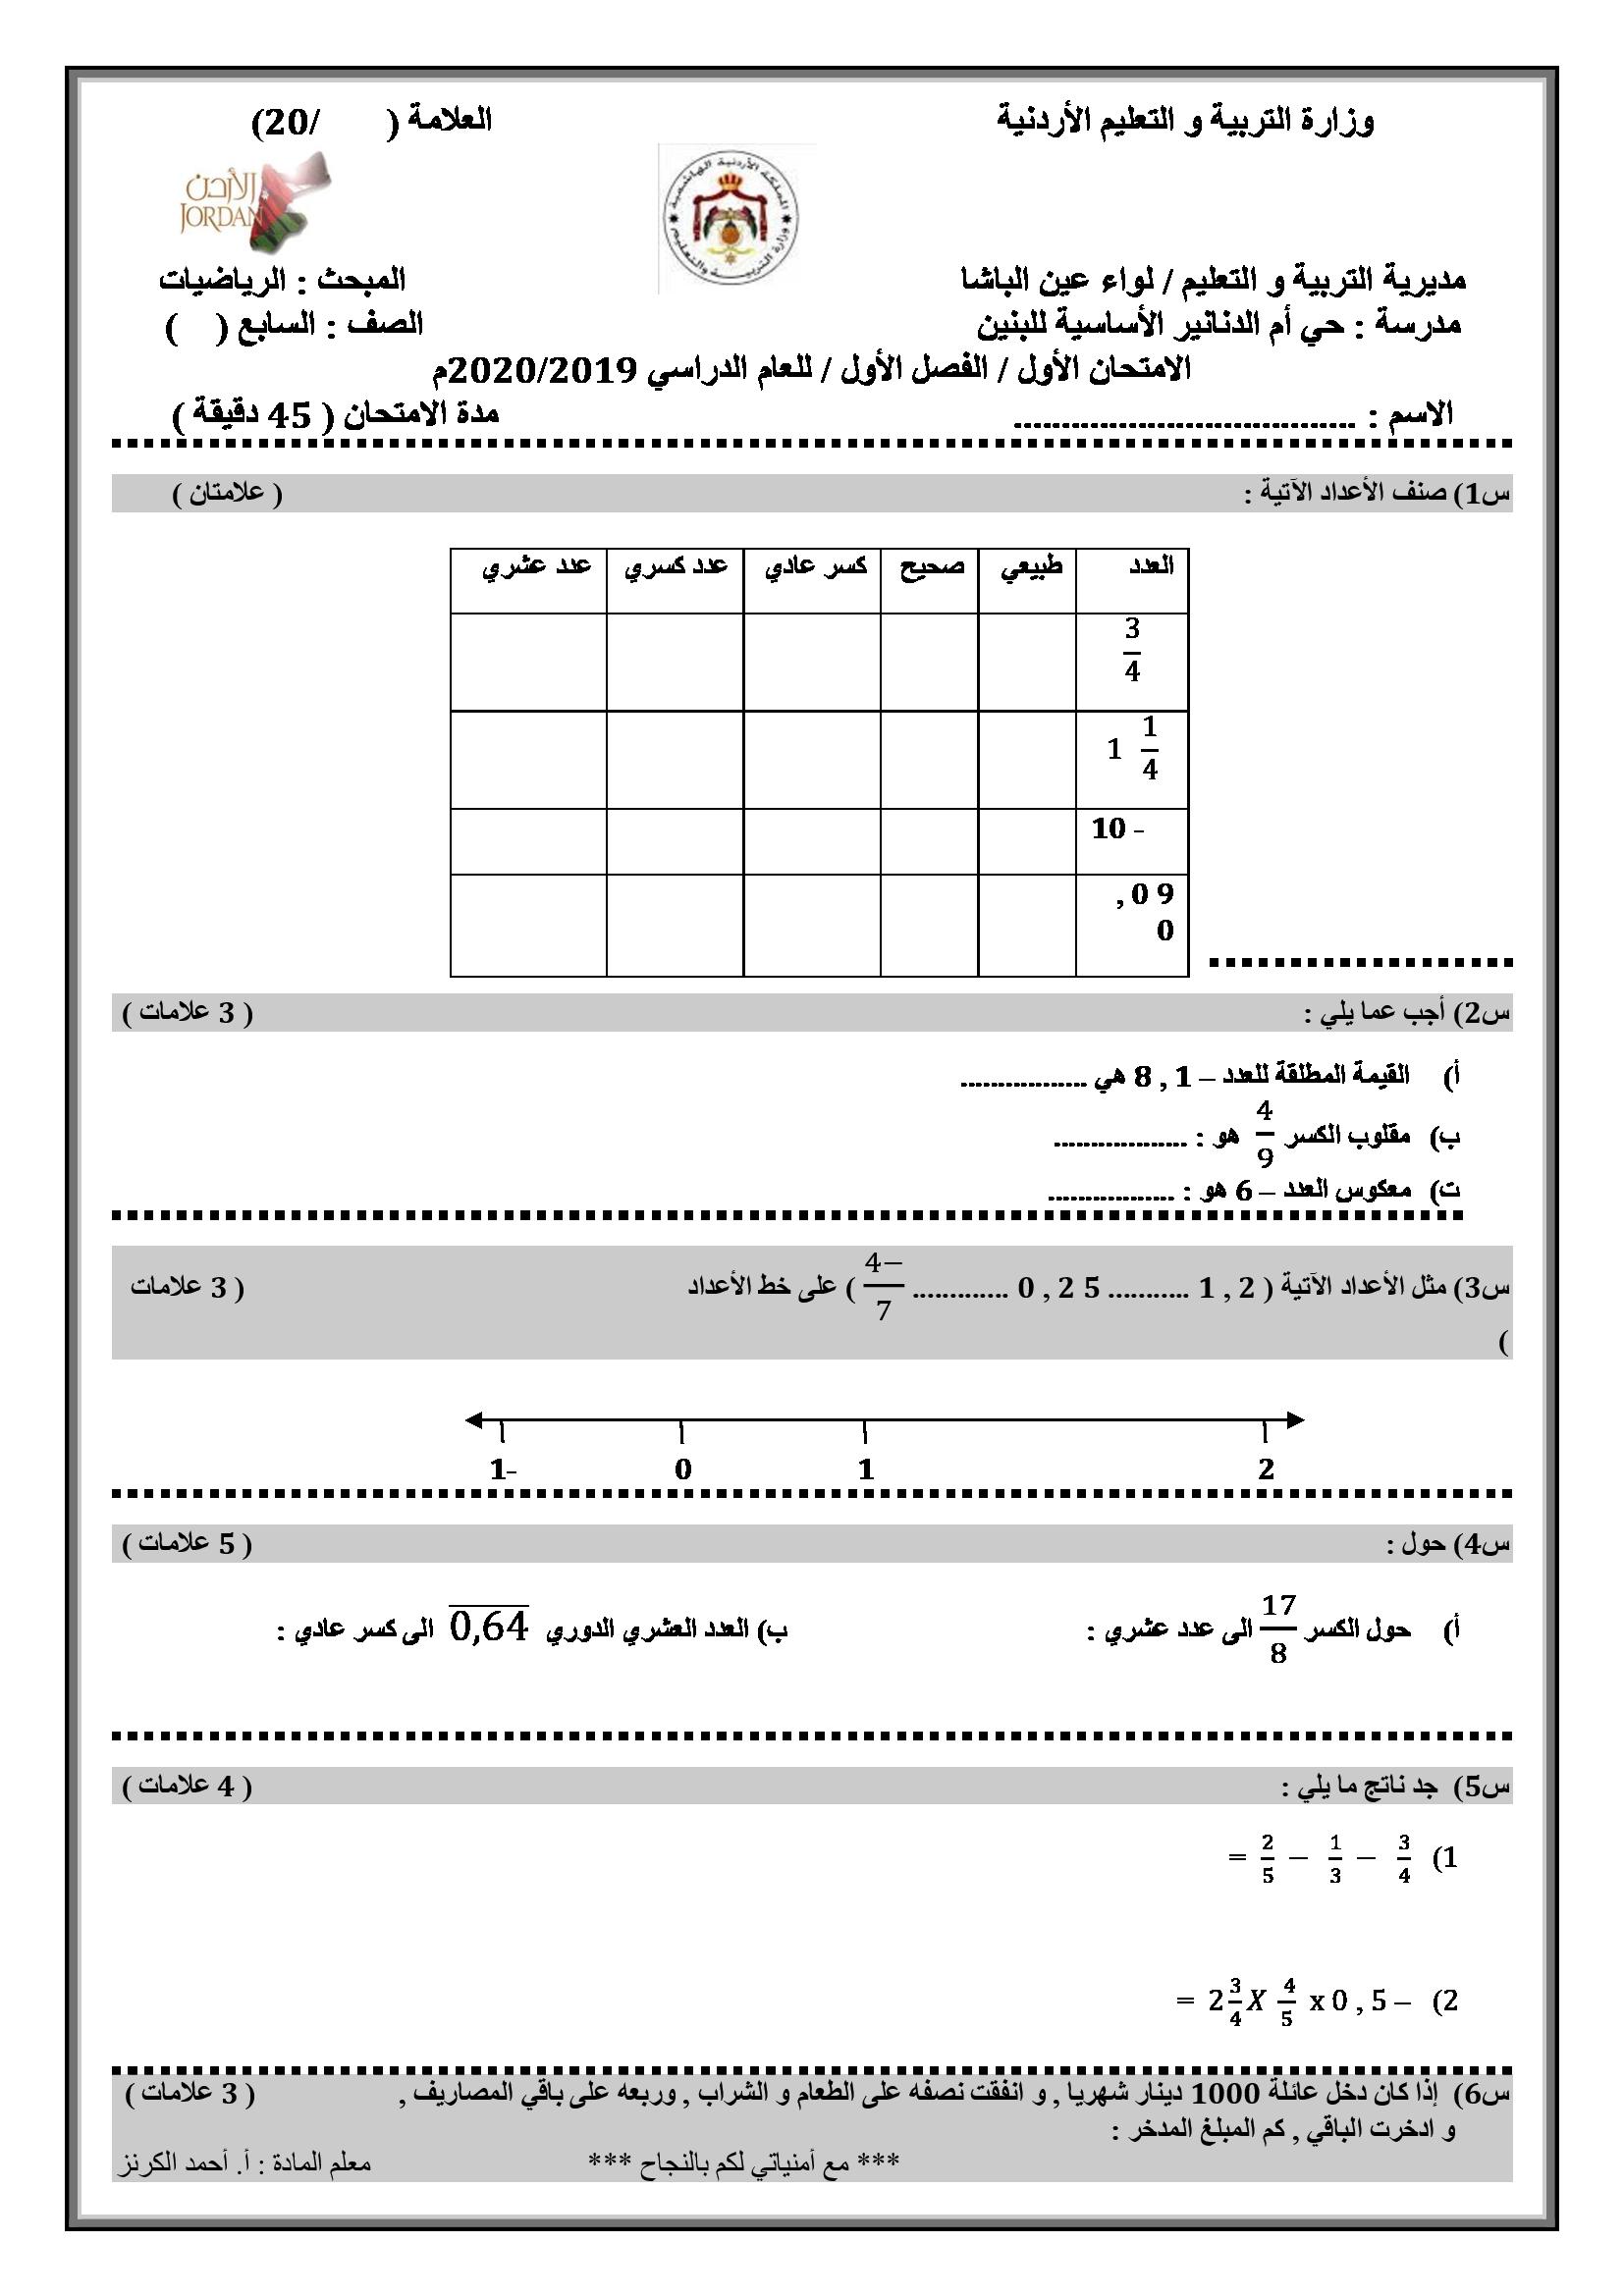 اختبار الشهر الاول لمادة الرياضيات للصف السابع الفصل الاول 2019